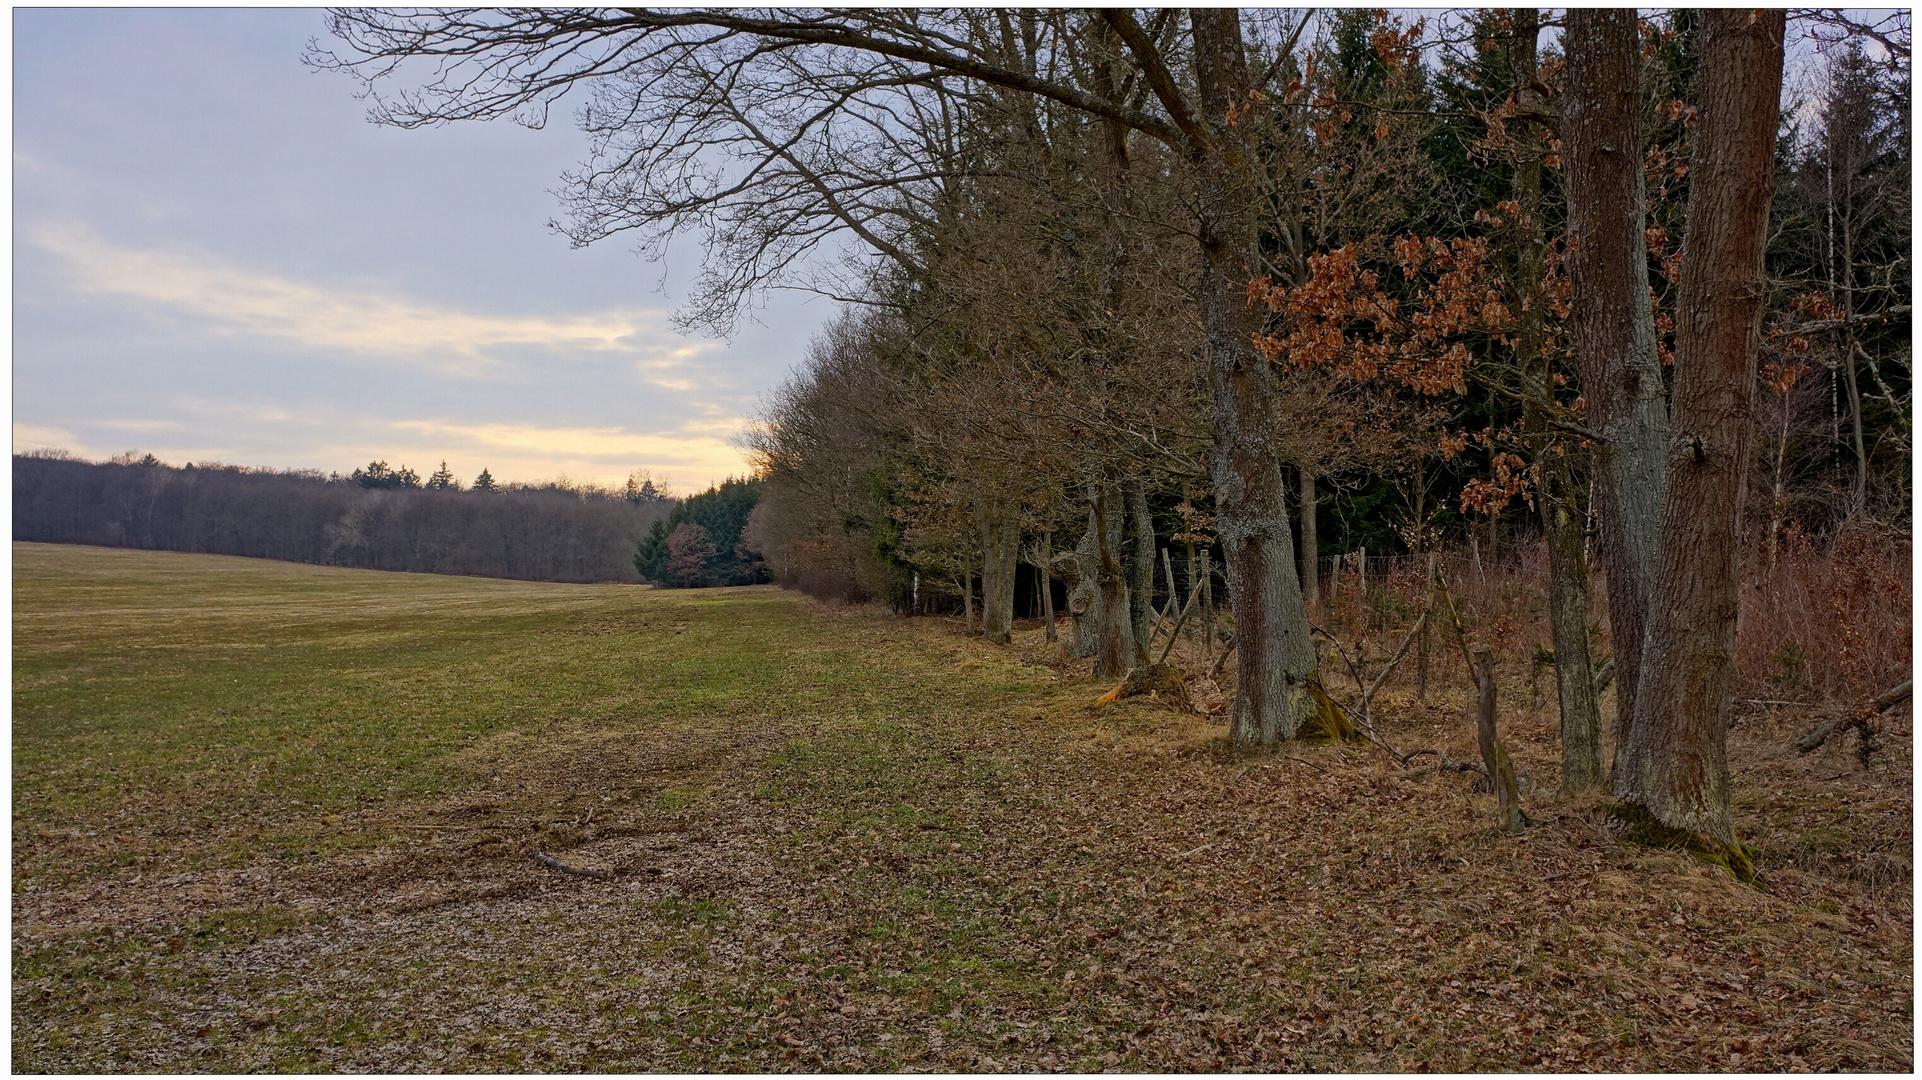 Am Waldrand (en el borde del bosque)